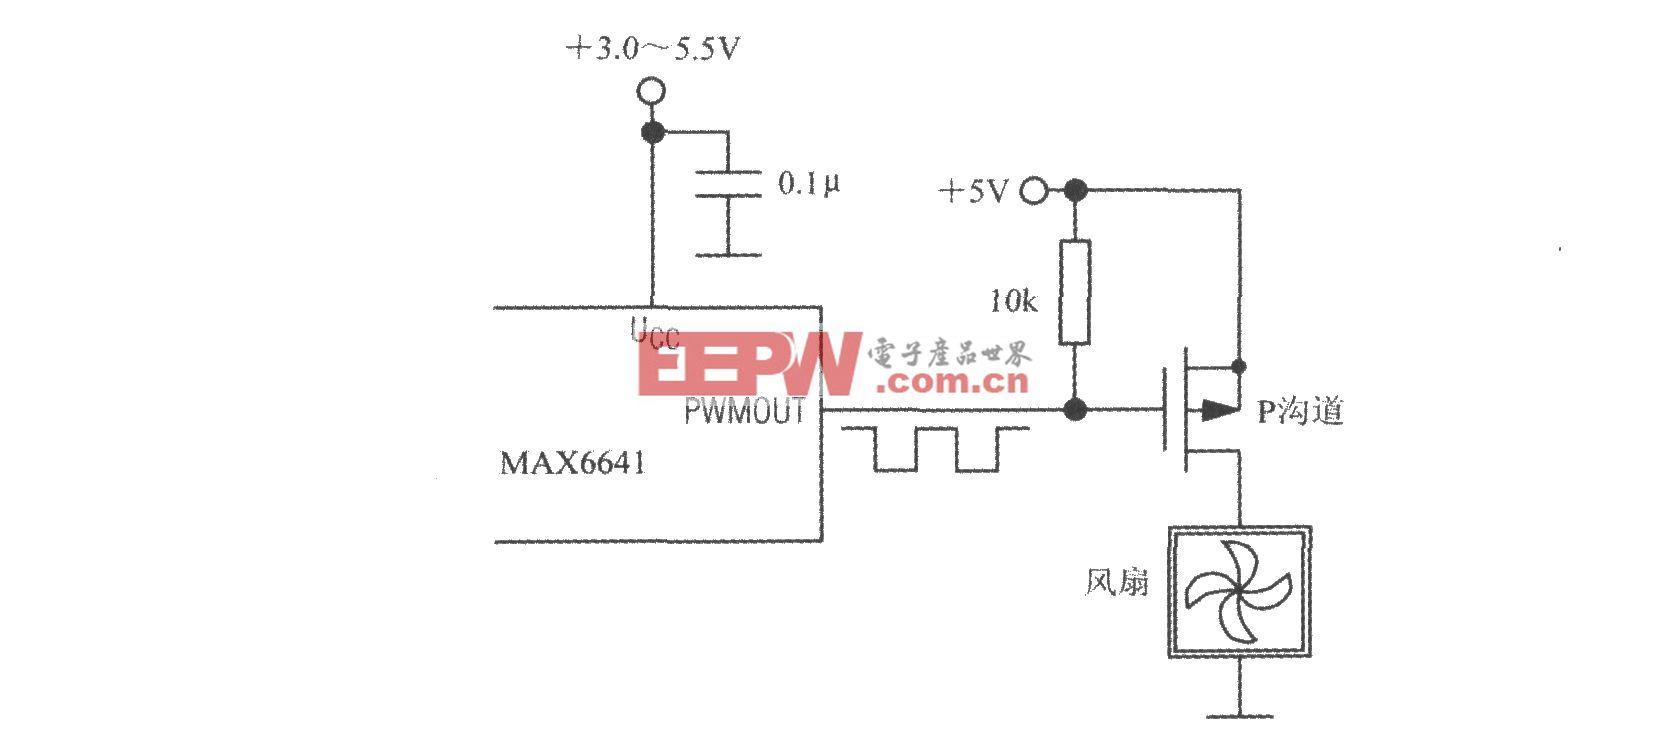 利用基于SMBus总线的智能温度控制器组成控制风扇转速的三种方式